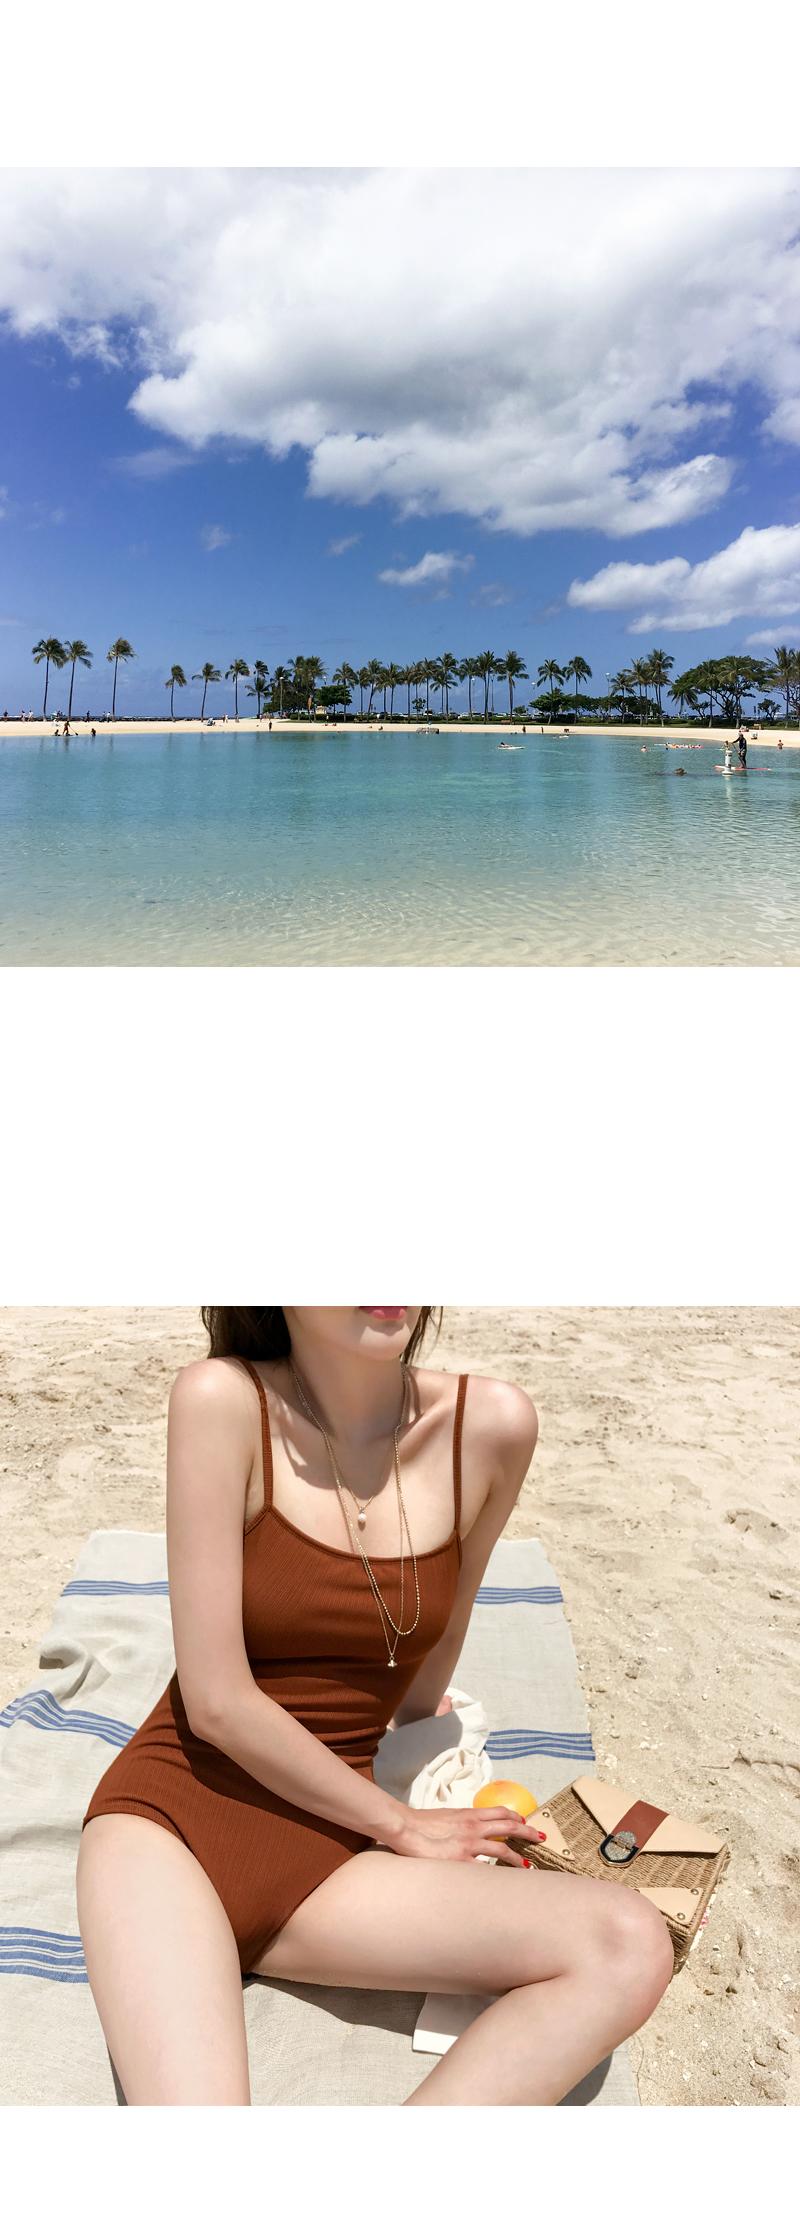 Flanders bikini